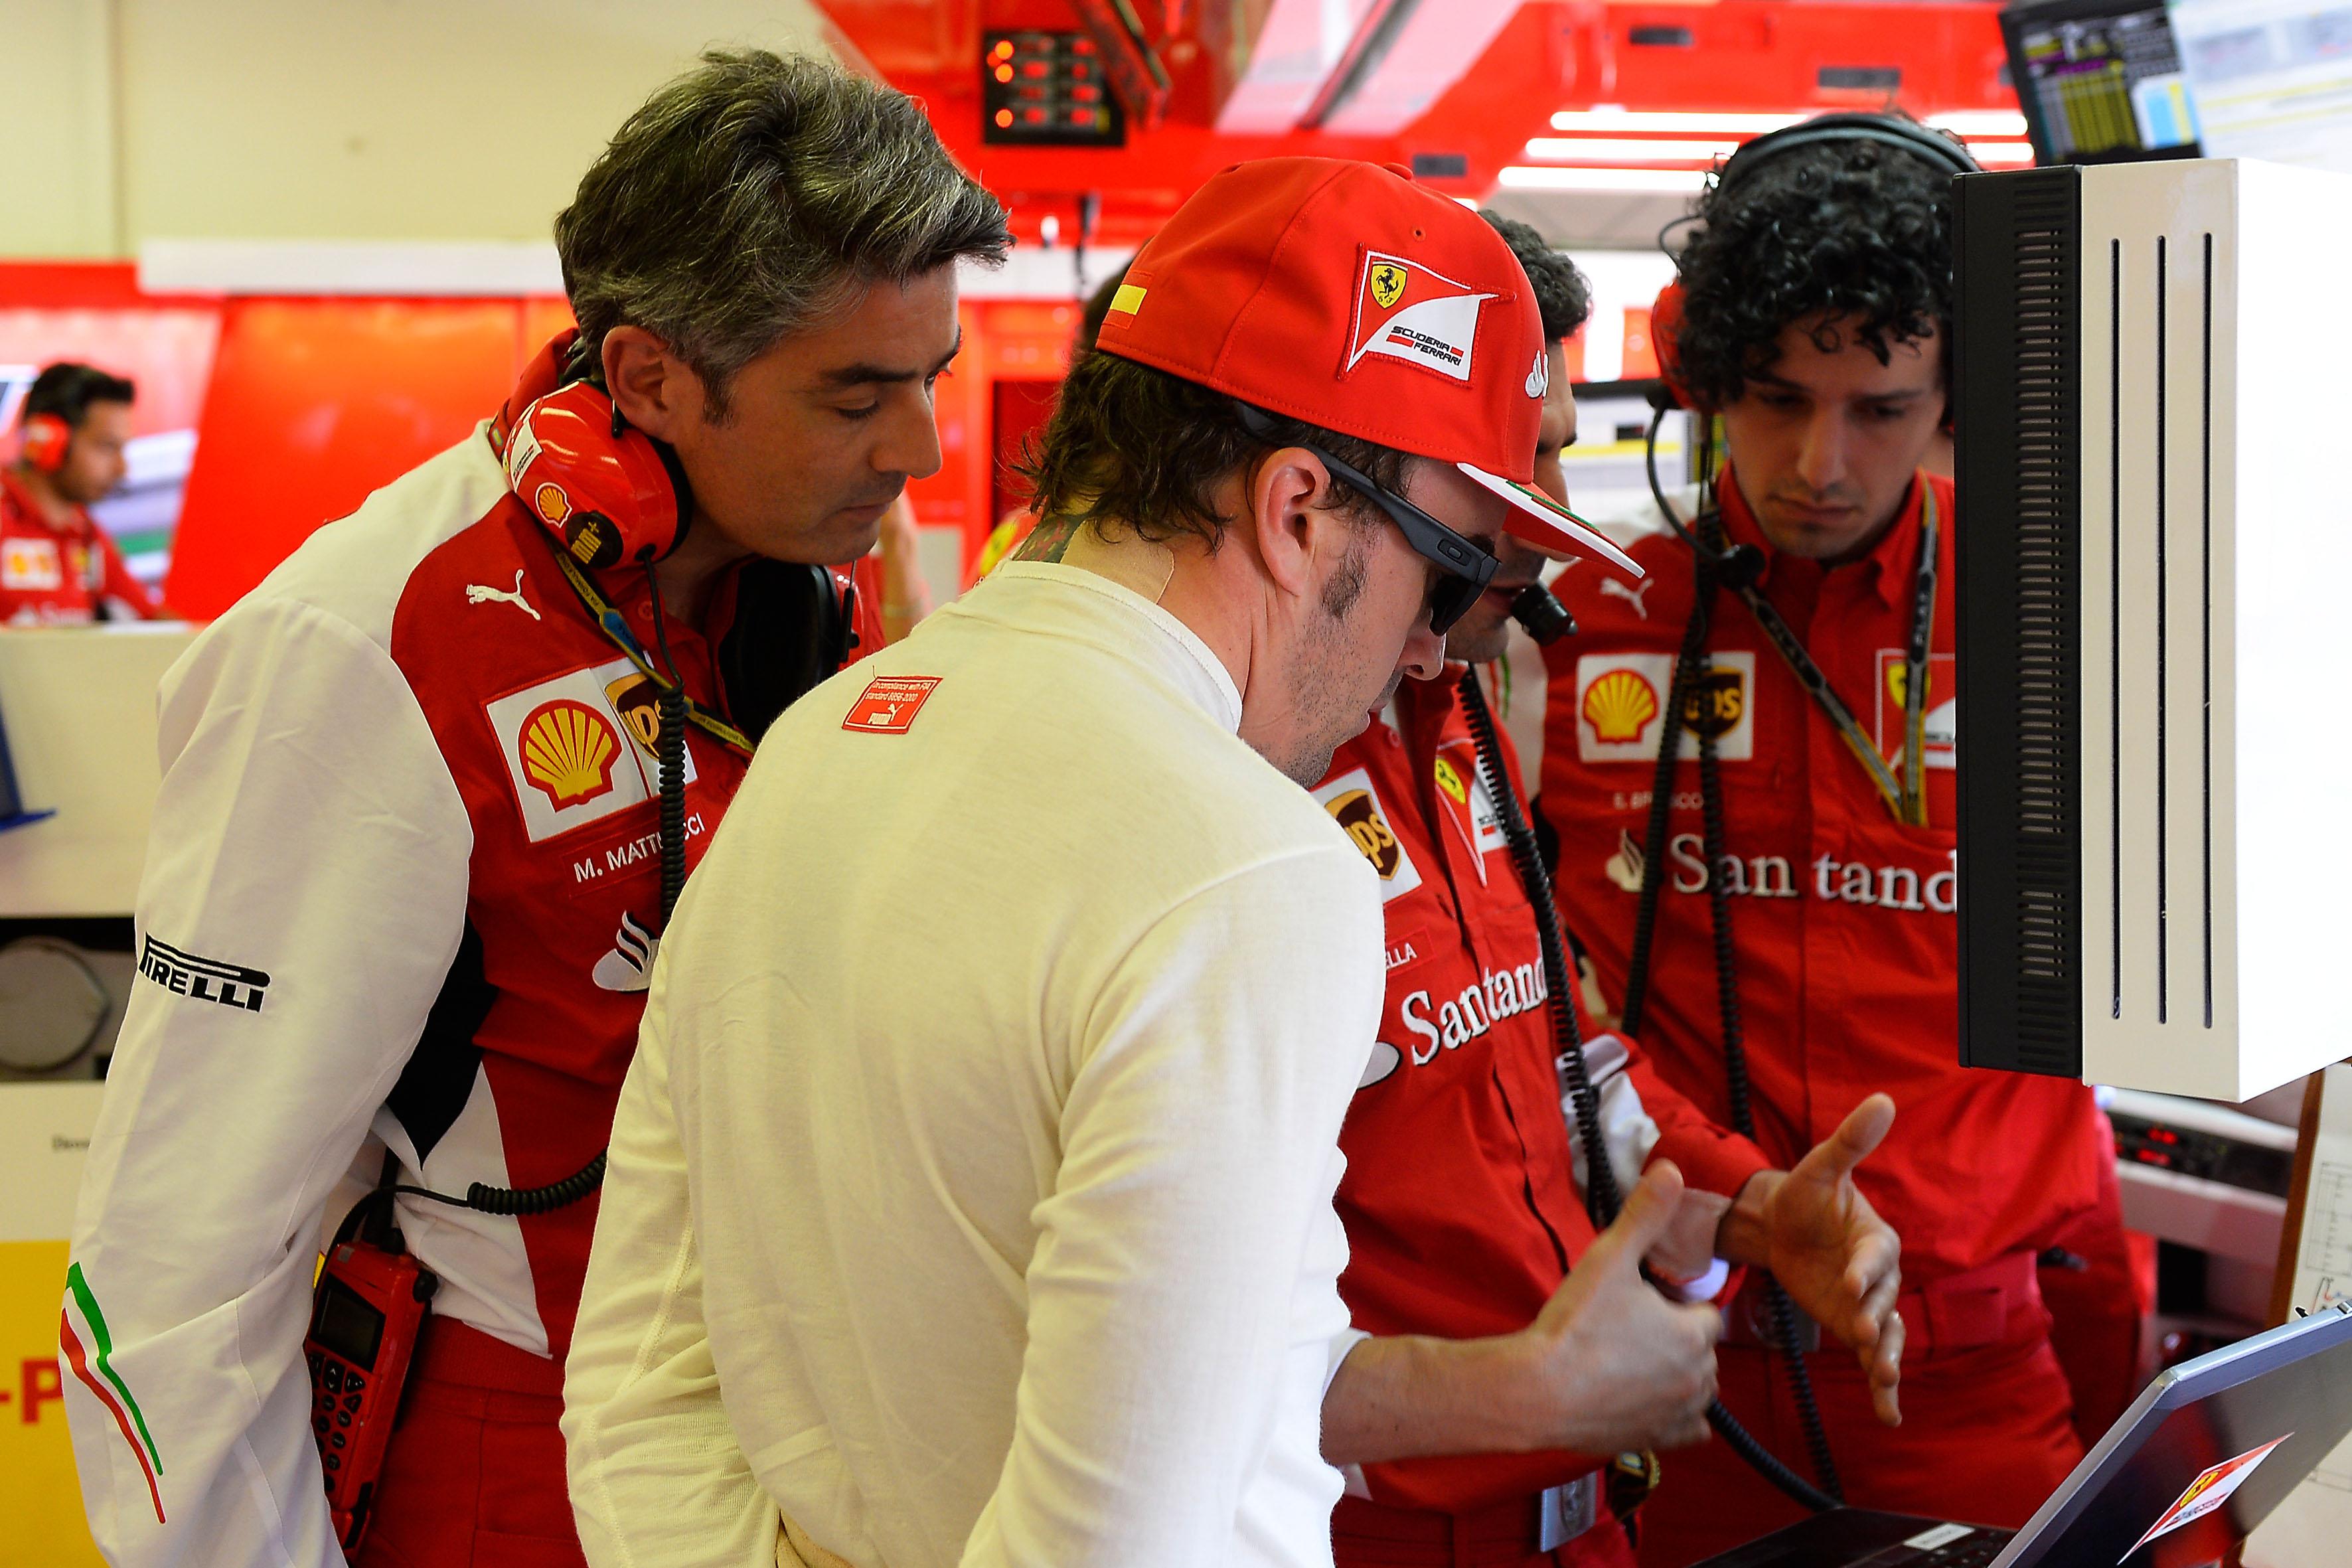 Ferrari dietro le quinte: vita da temetrista